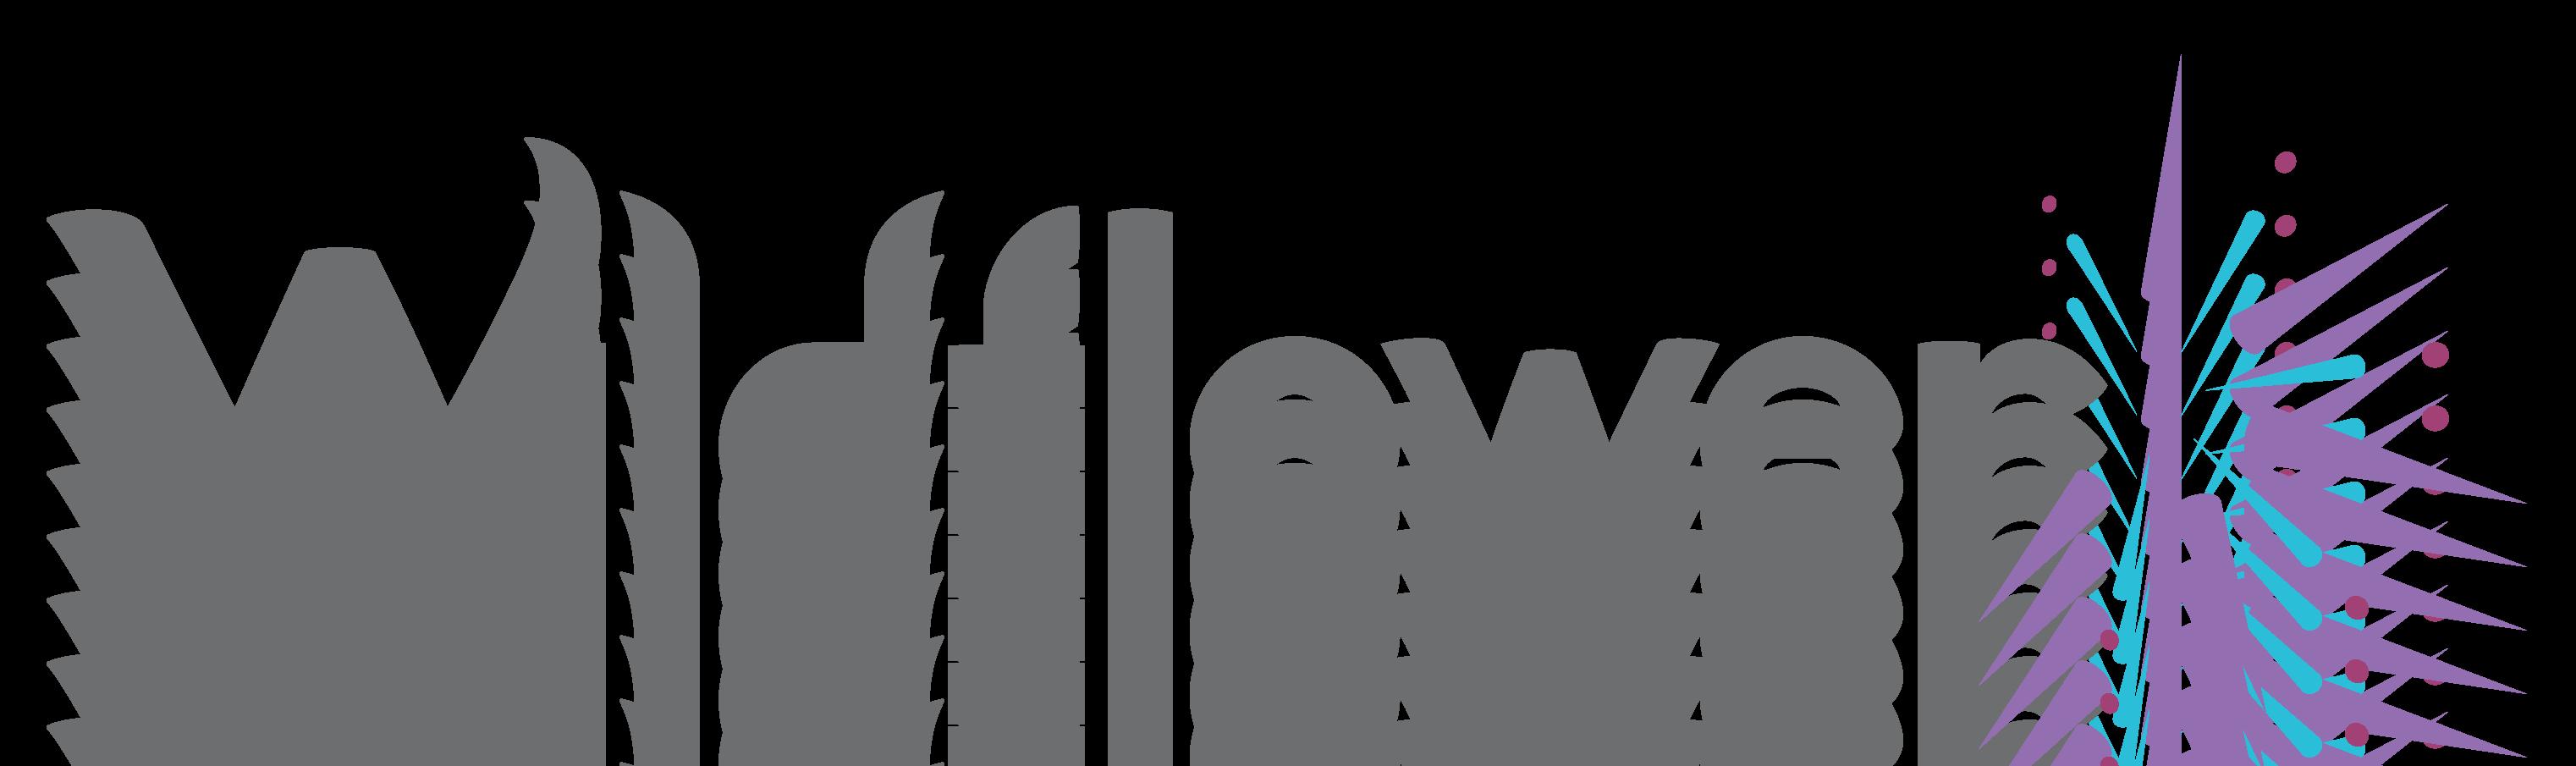 Wildflower Strategy